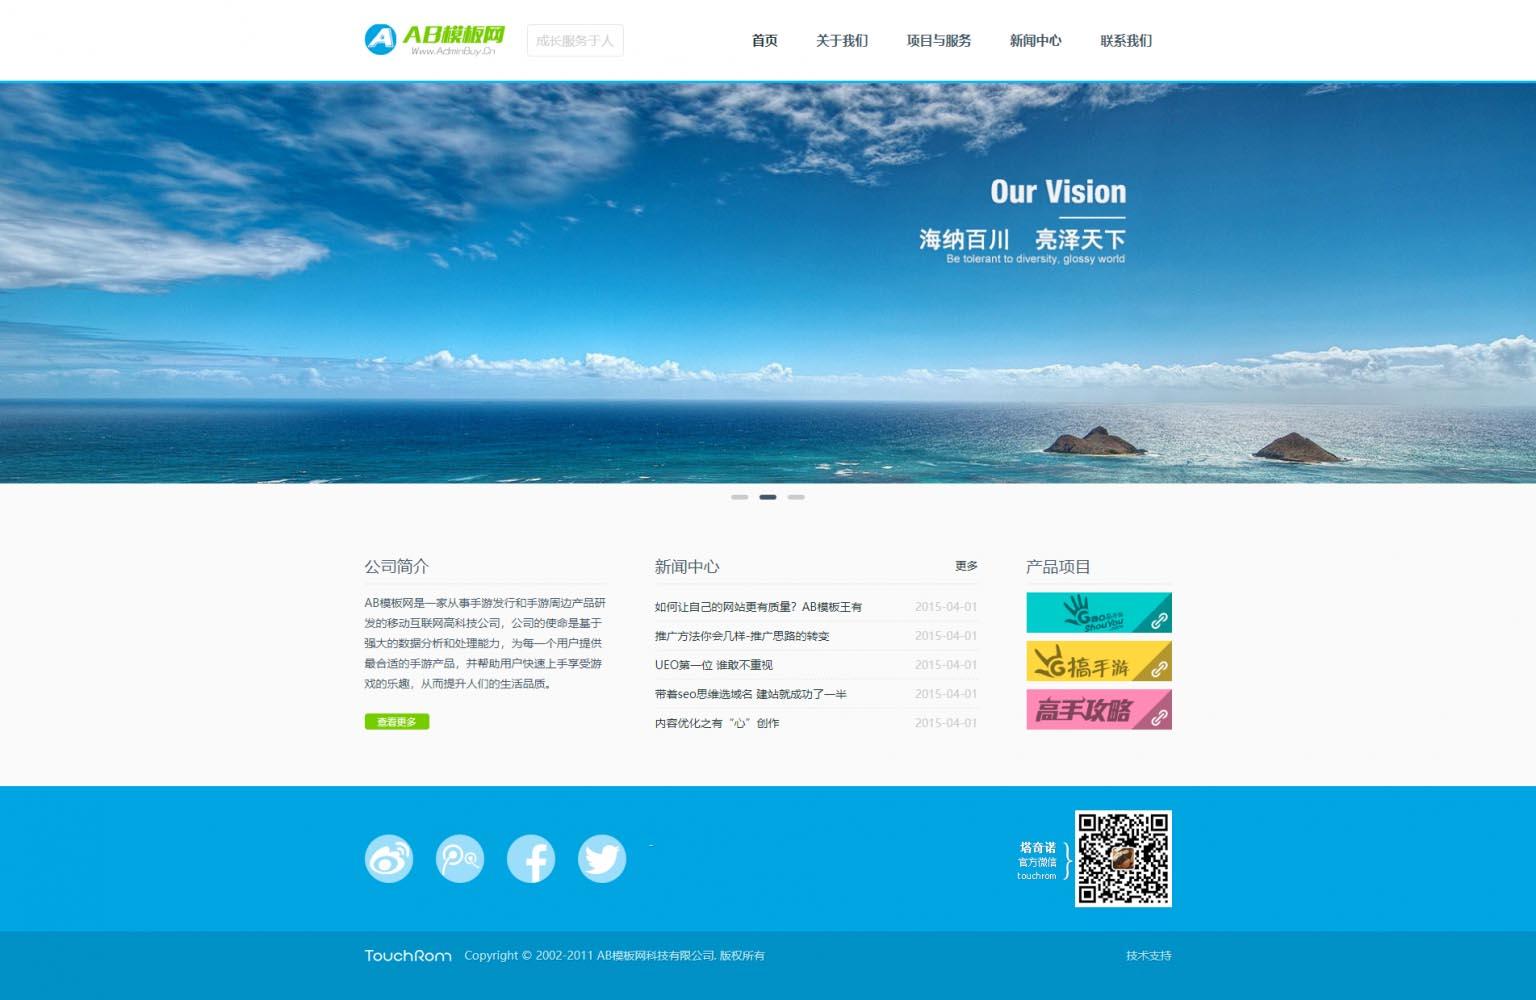 鹤云资源博客-织梦HTML5浅蓝白色软件公司集团通用网站织梦dede模板源码插图